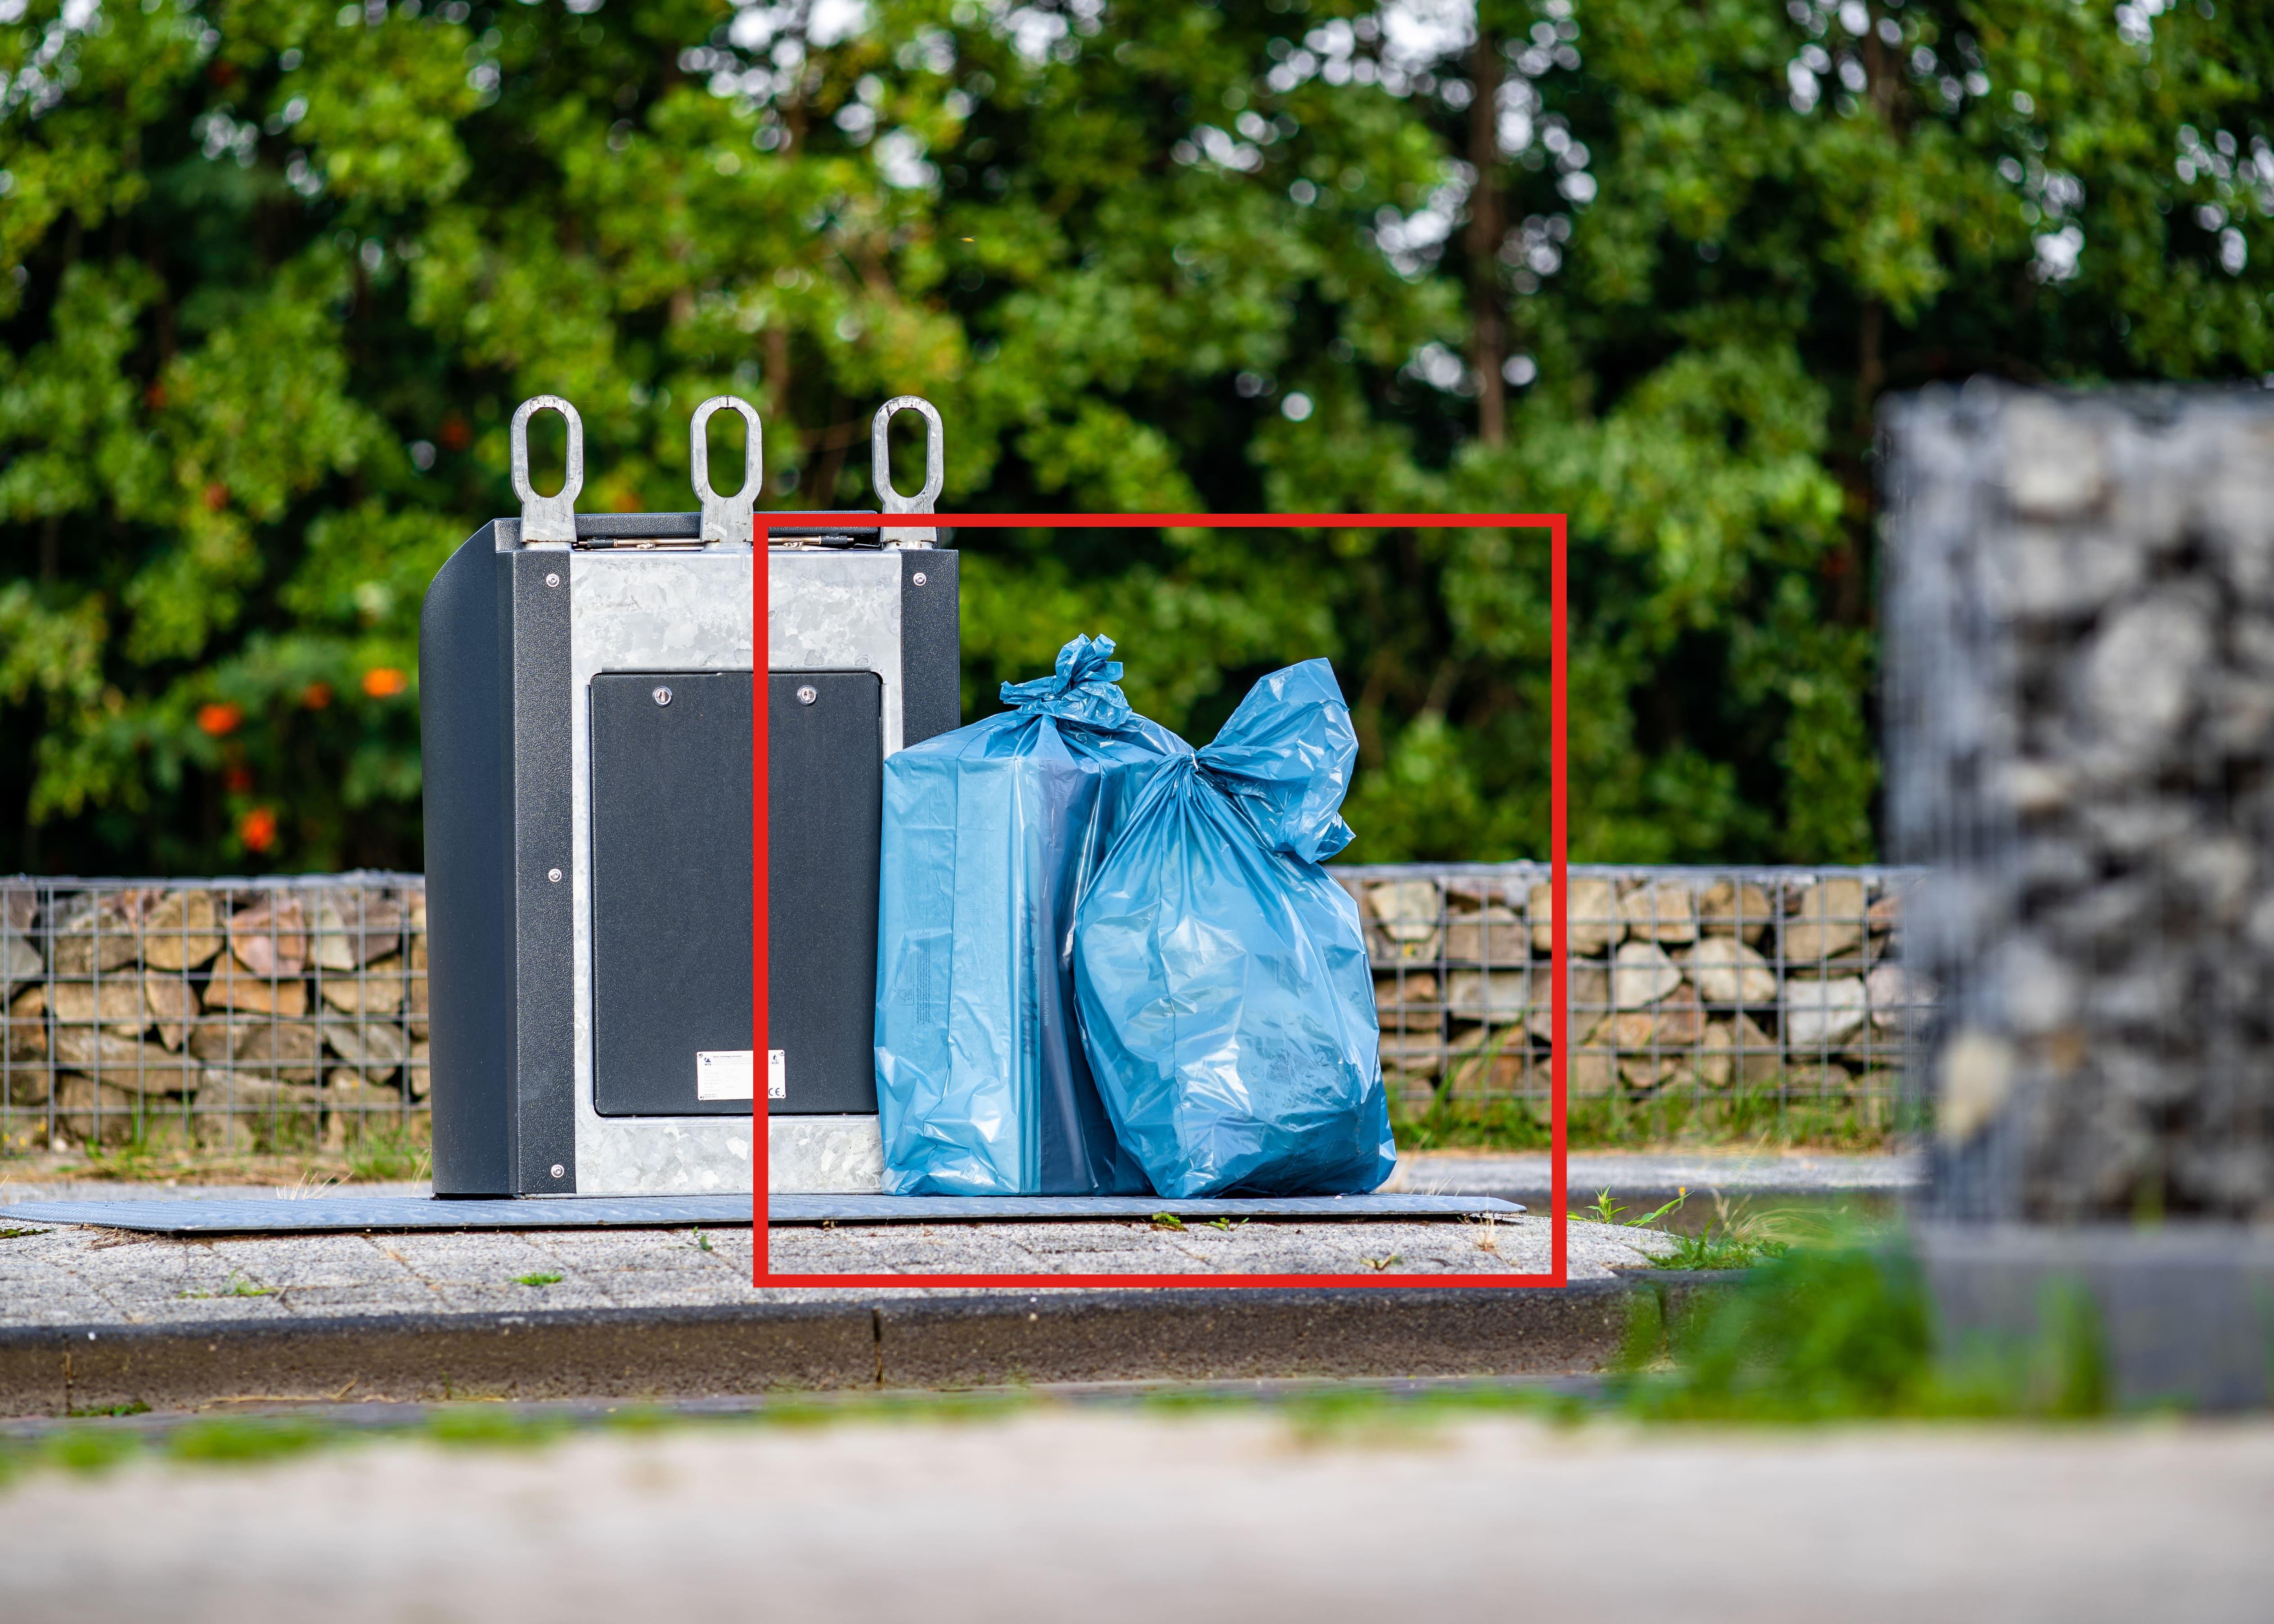 ContainerWatch herkent afval naast de container